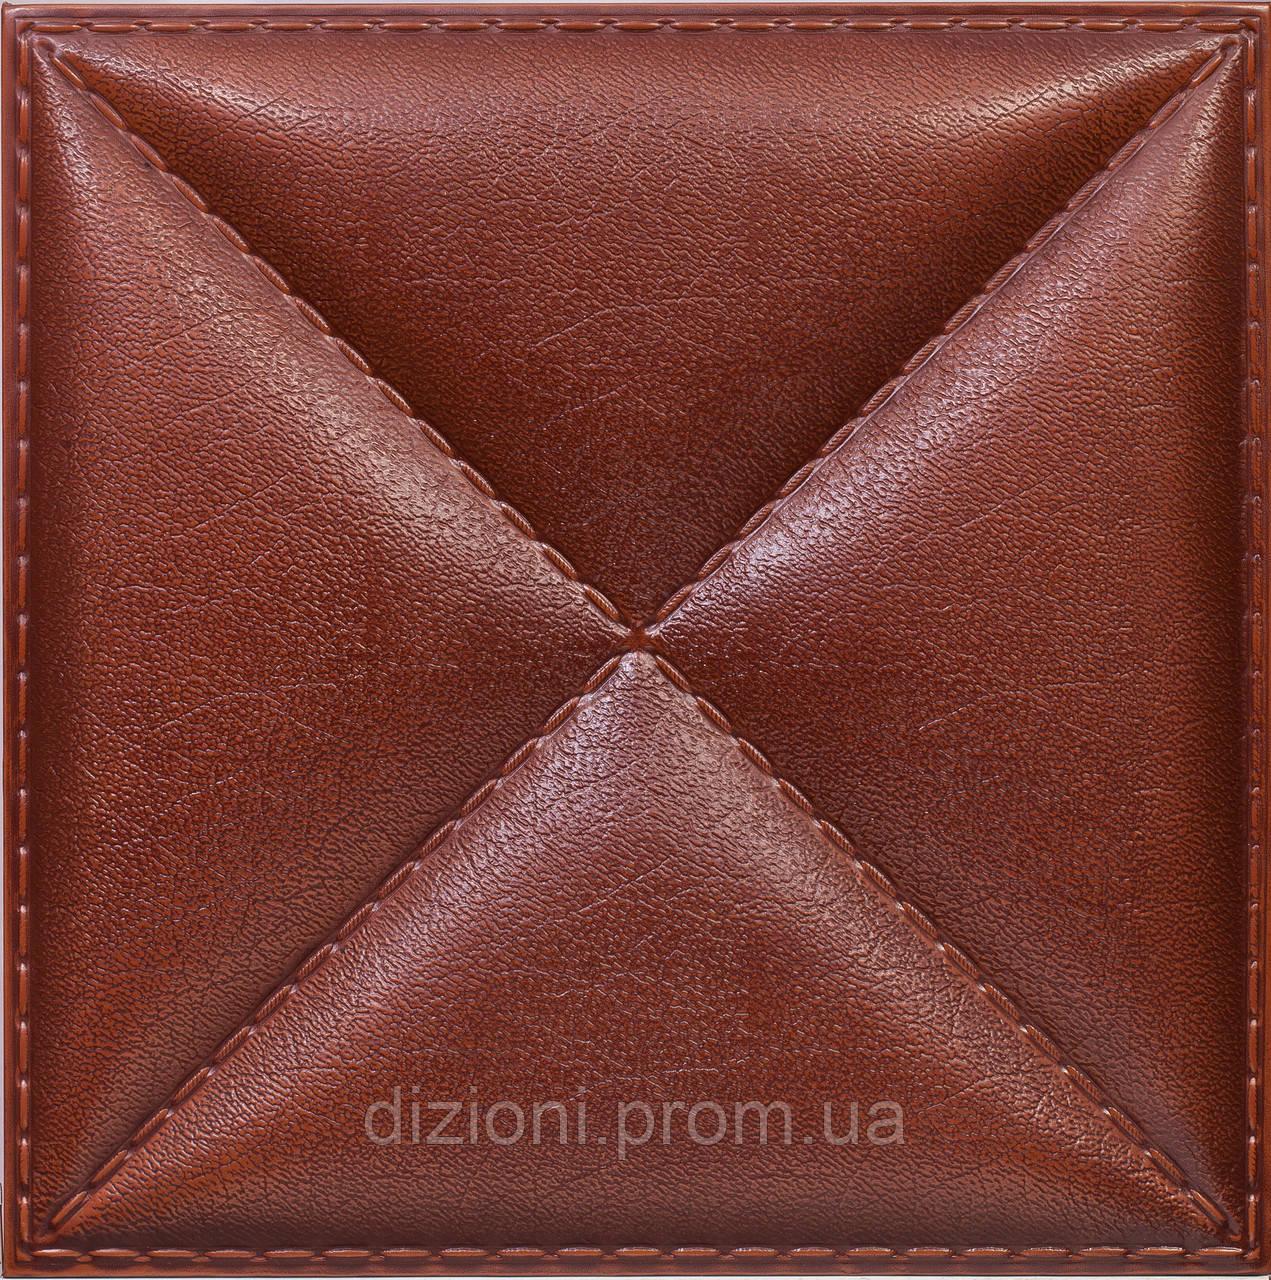 Dizioni Decor №2023 коричневый